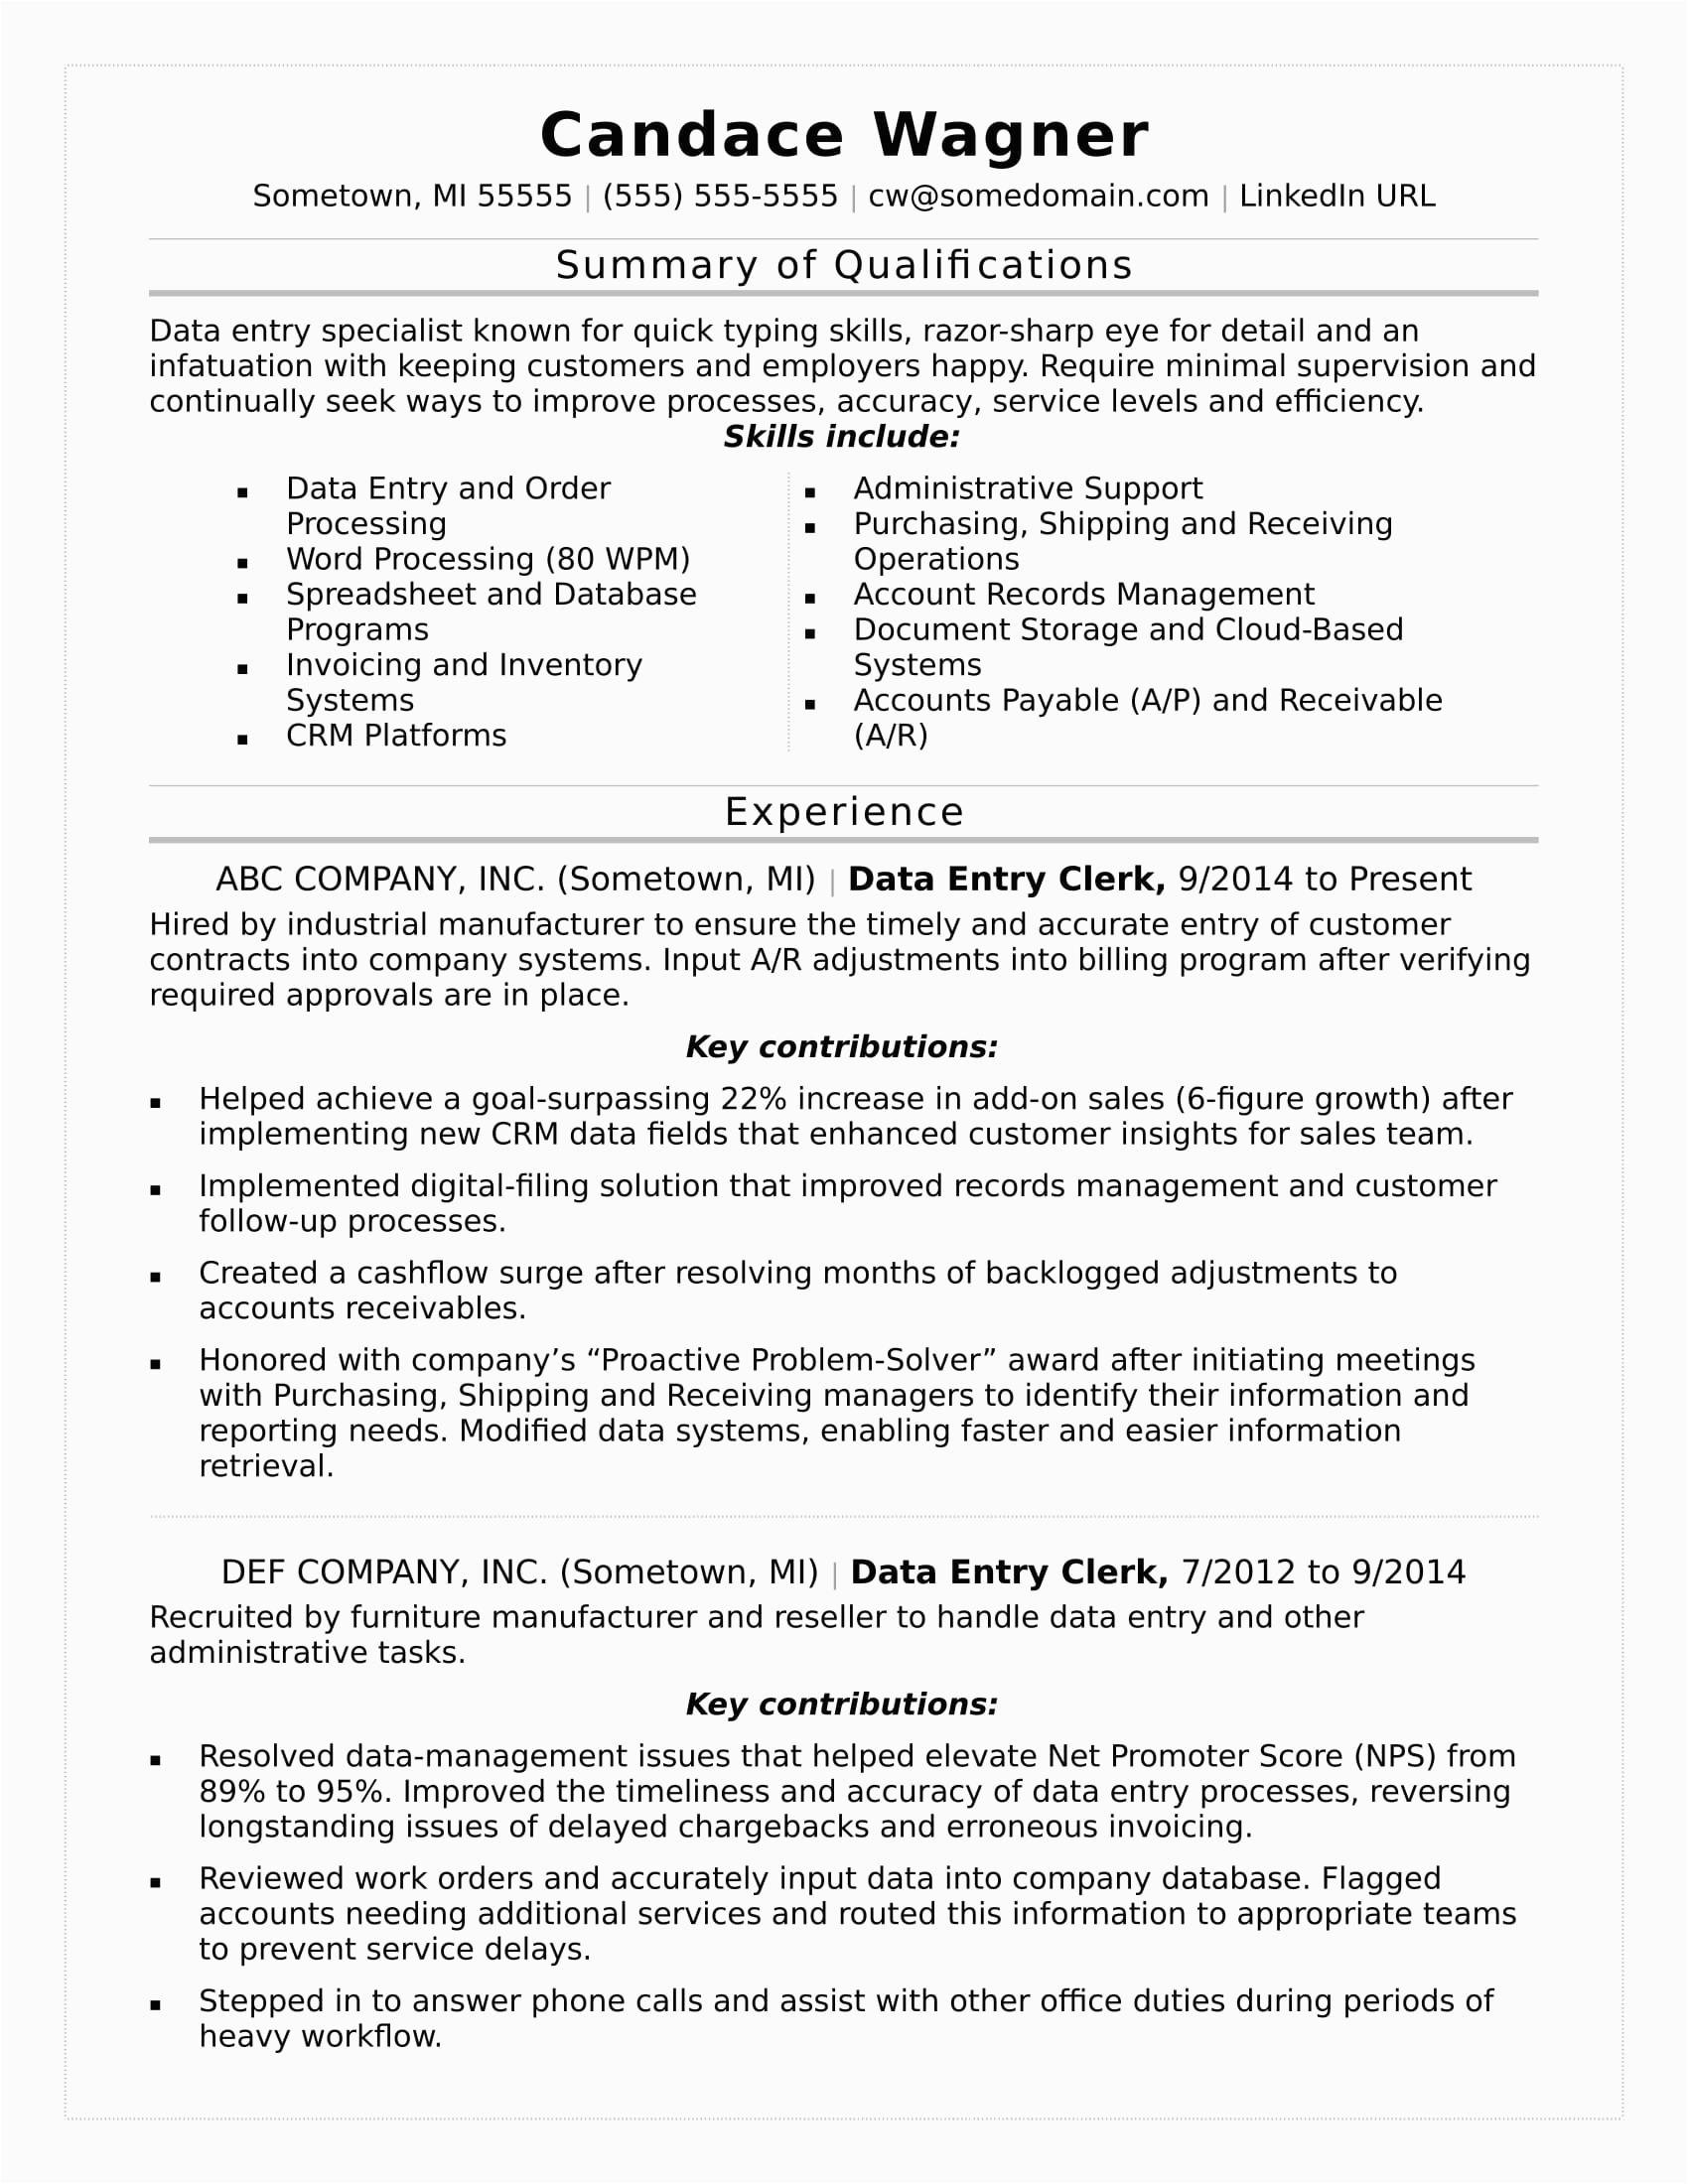 Sample Resume for Data Entry Position Data Entry Resume Sample